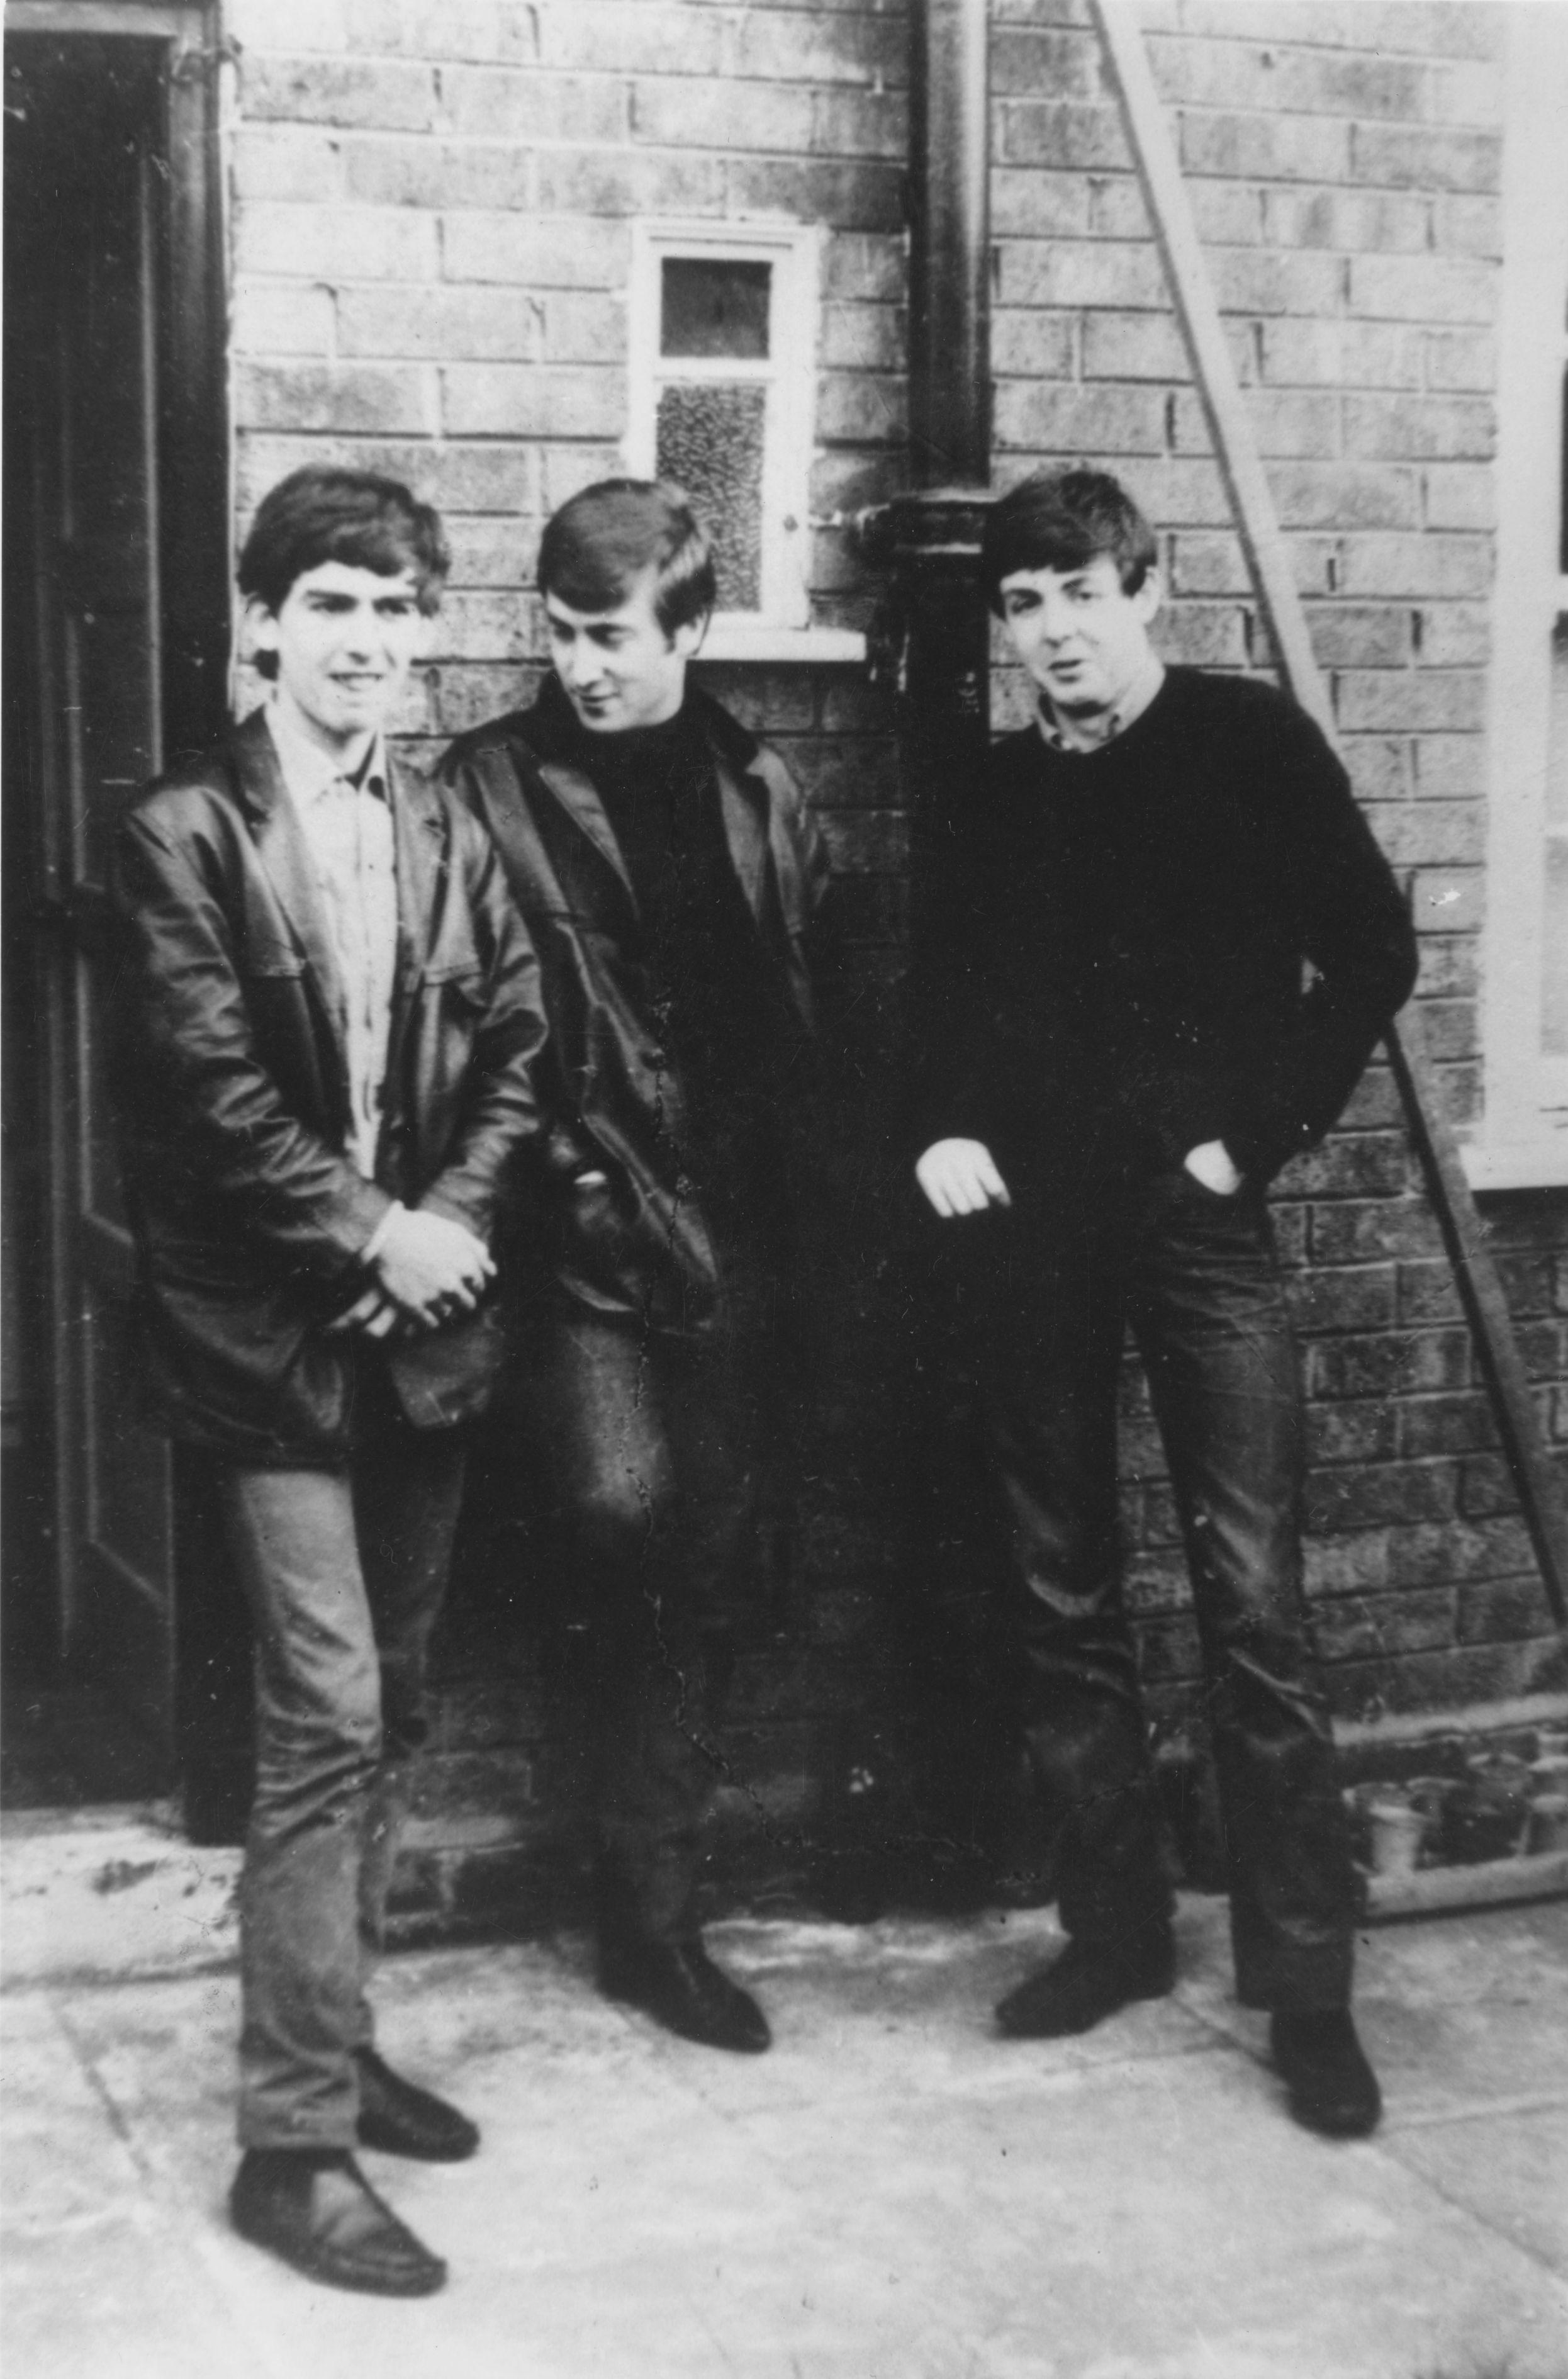 Beatles - John and Paul 7